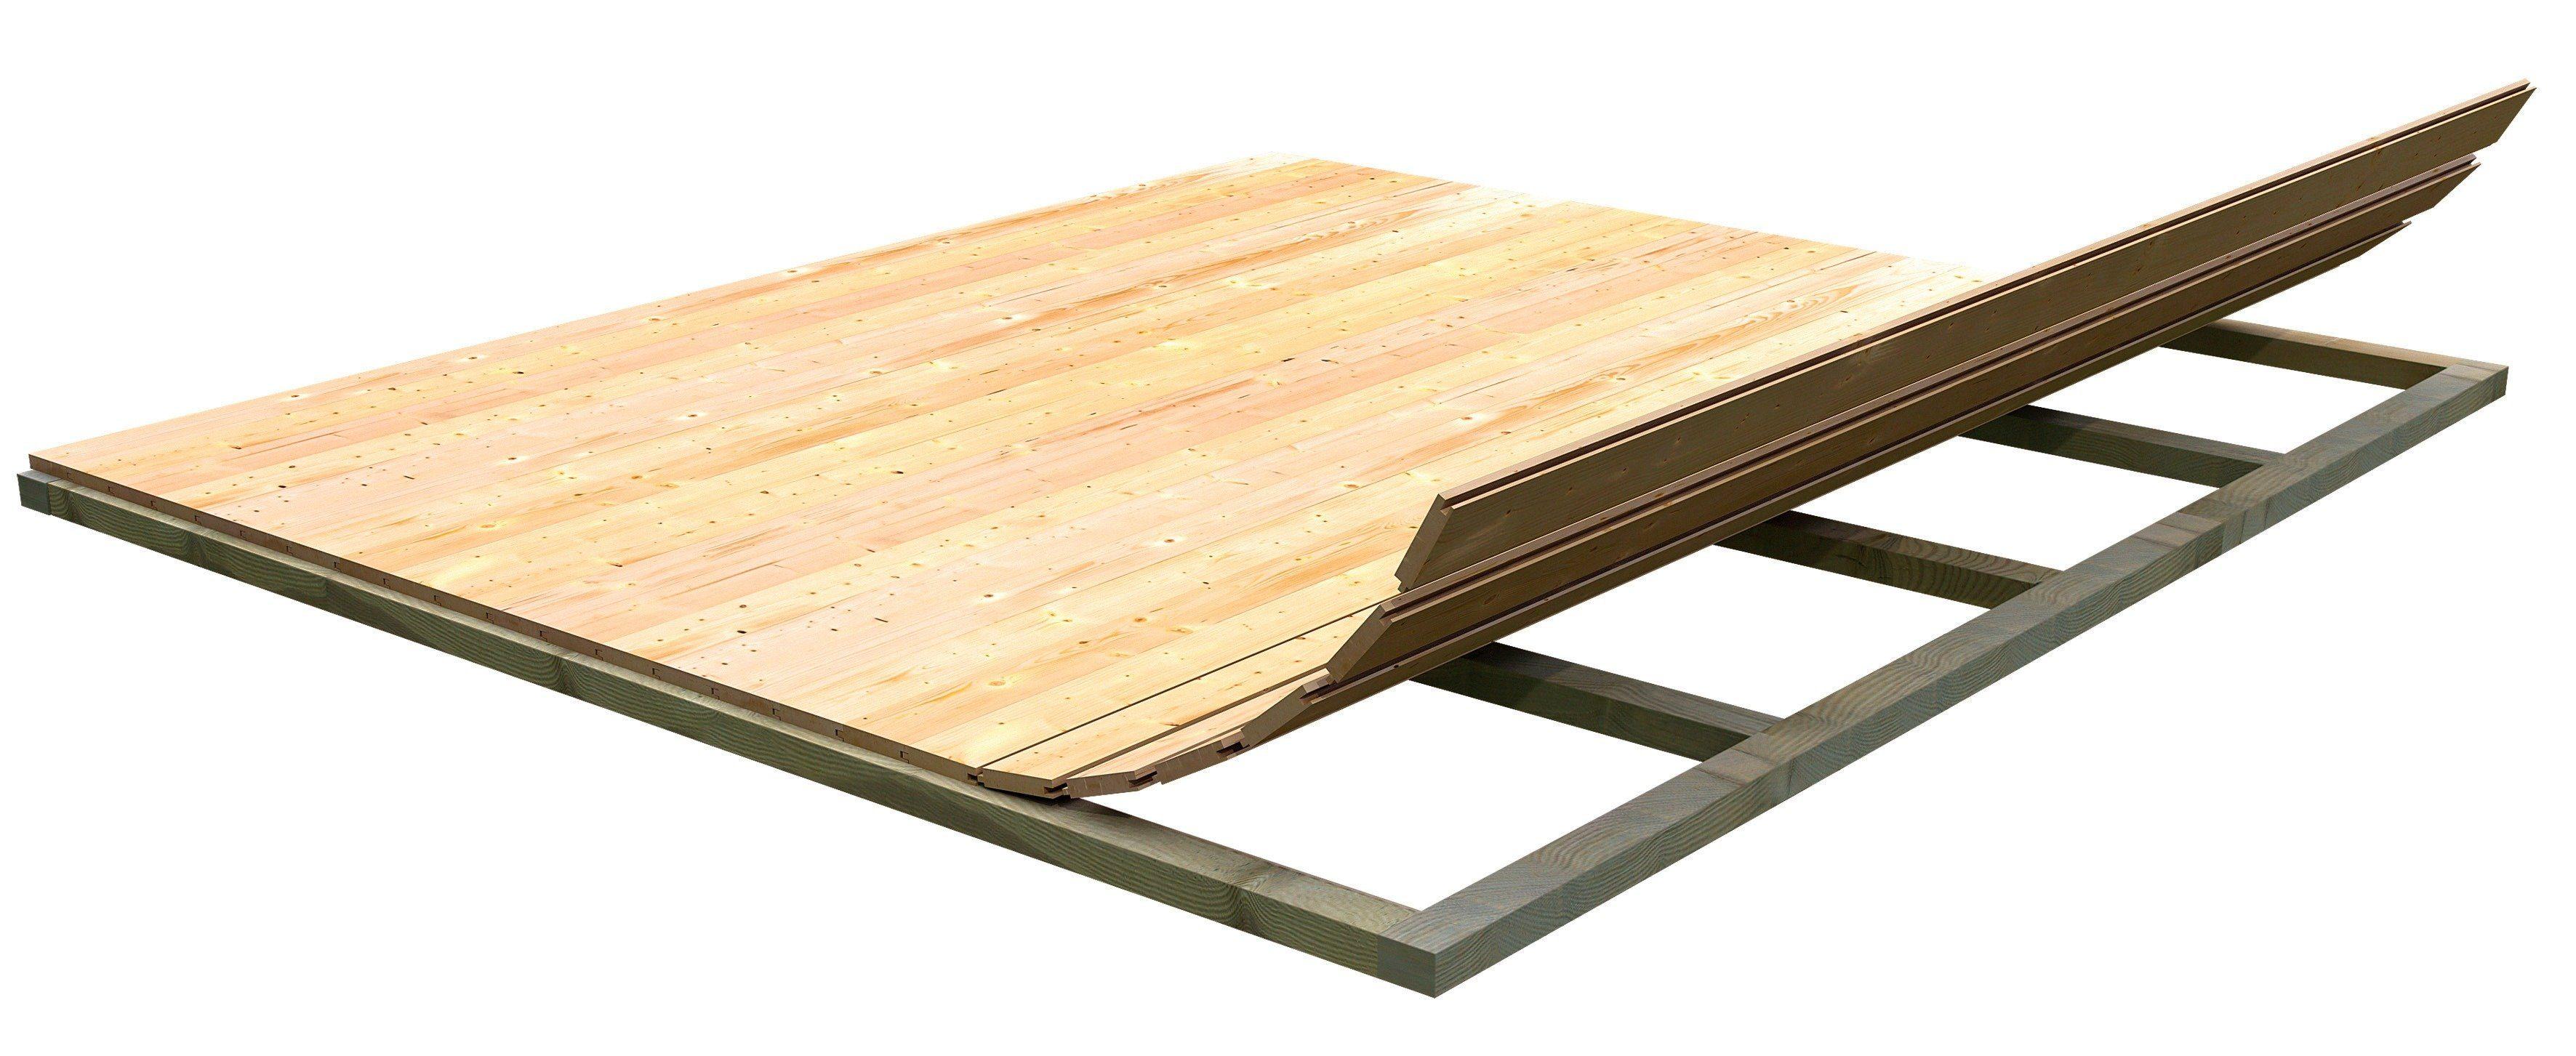 Fußboden für Gartenhäuser, BxT: 190x200 cm